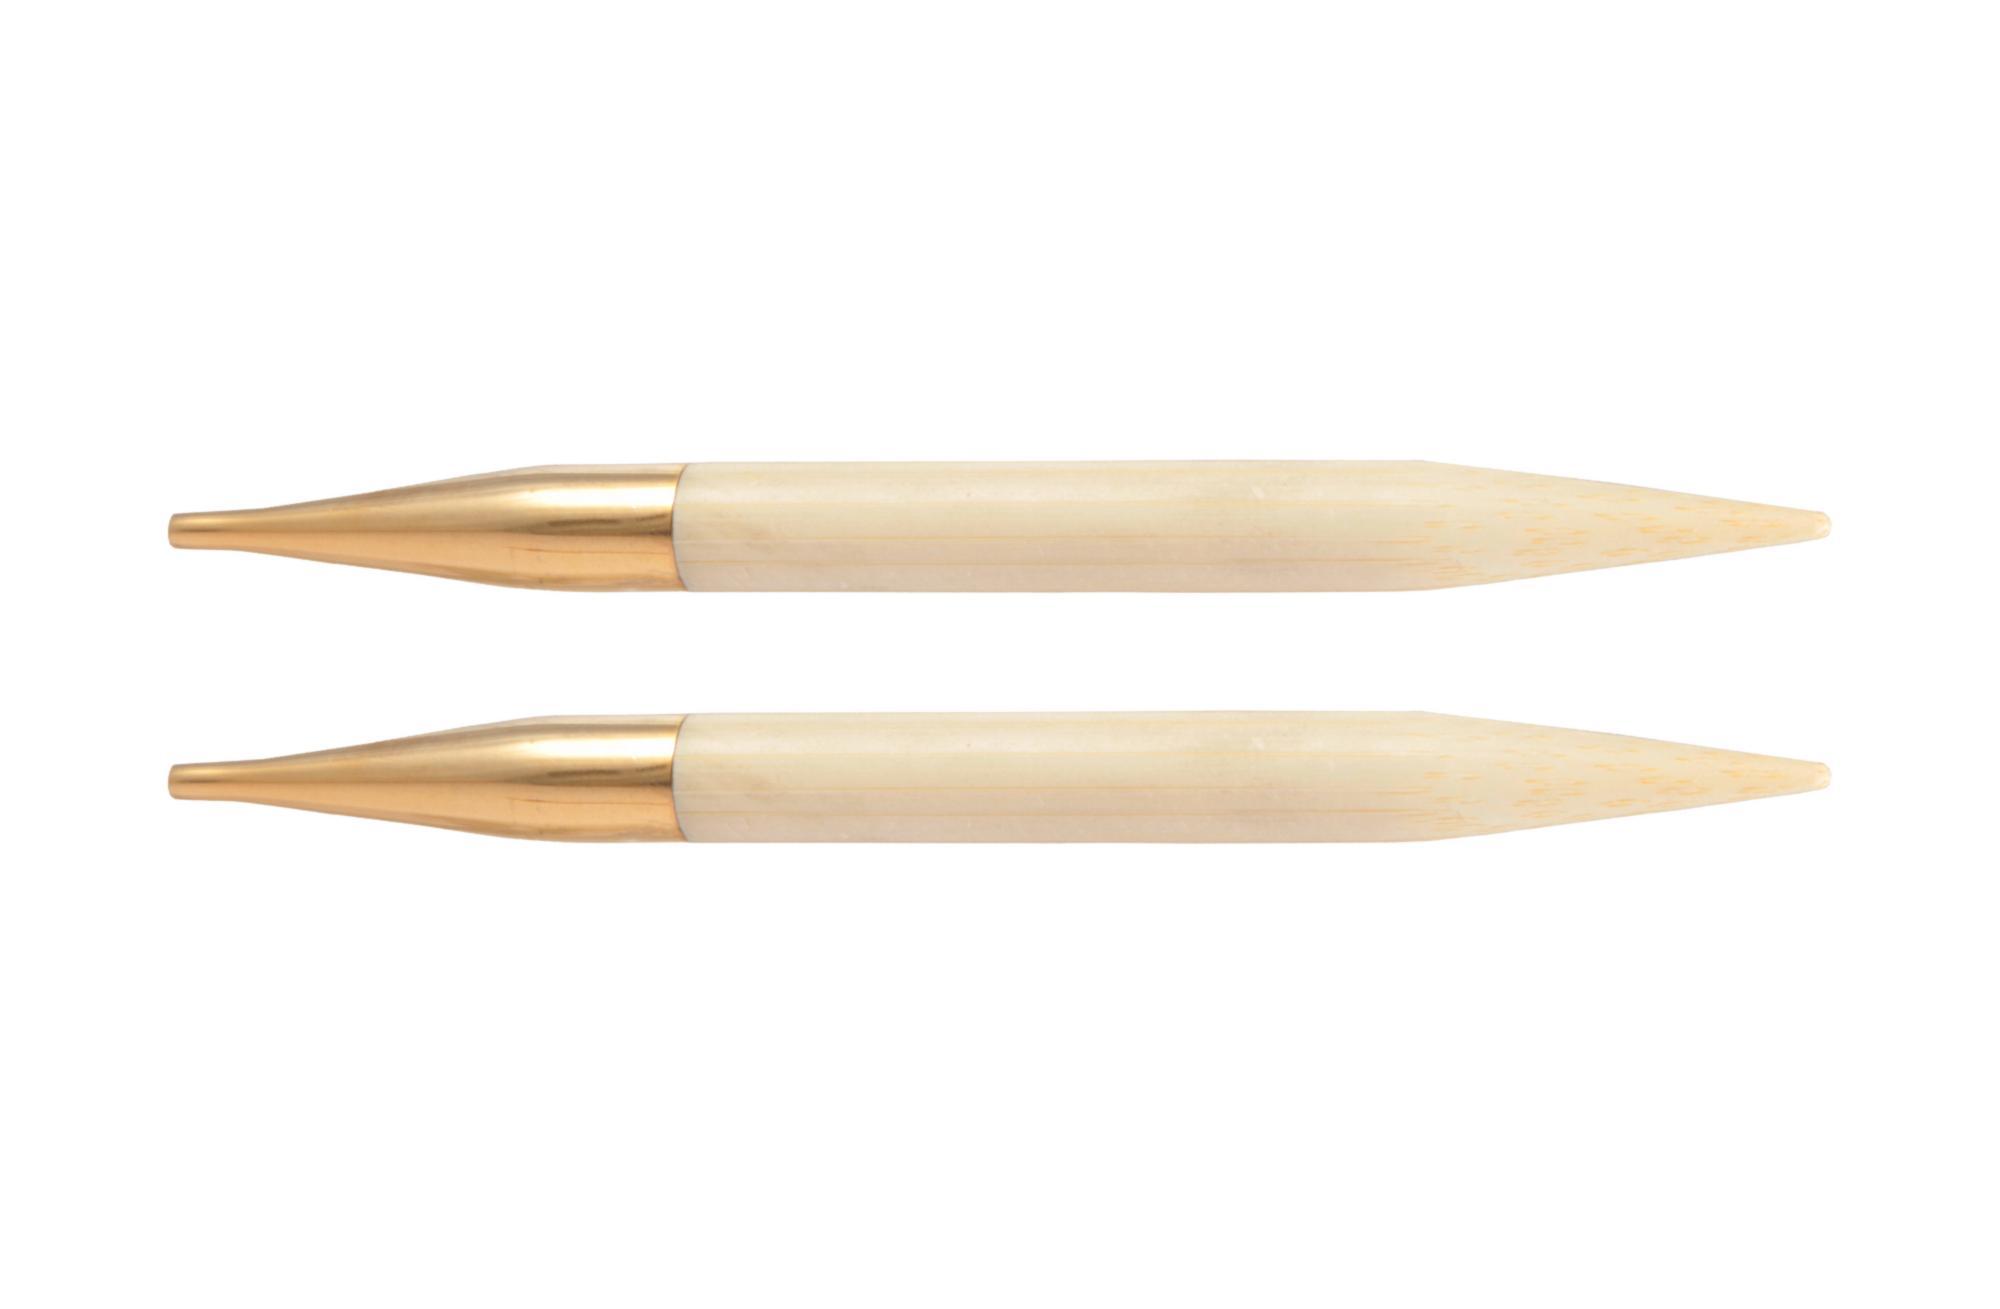 Спицы съёмные Bamboo KnitPro, 22404, 4.50 мм